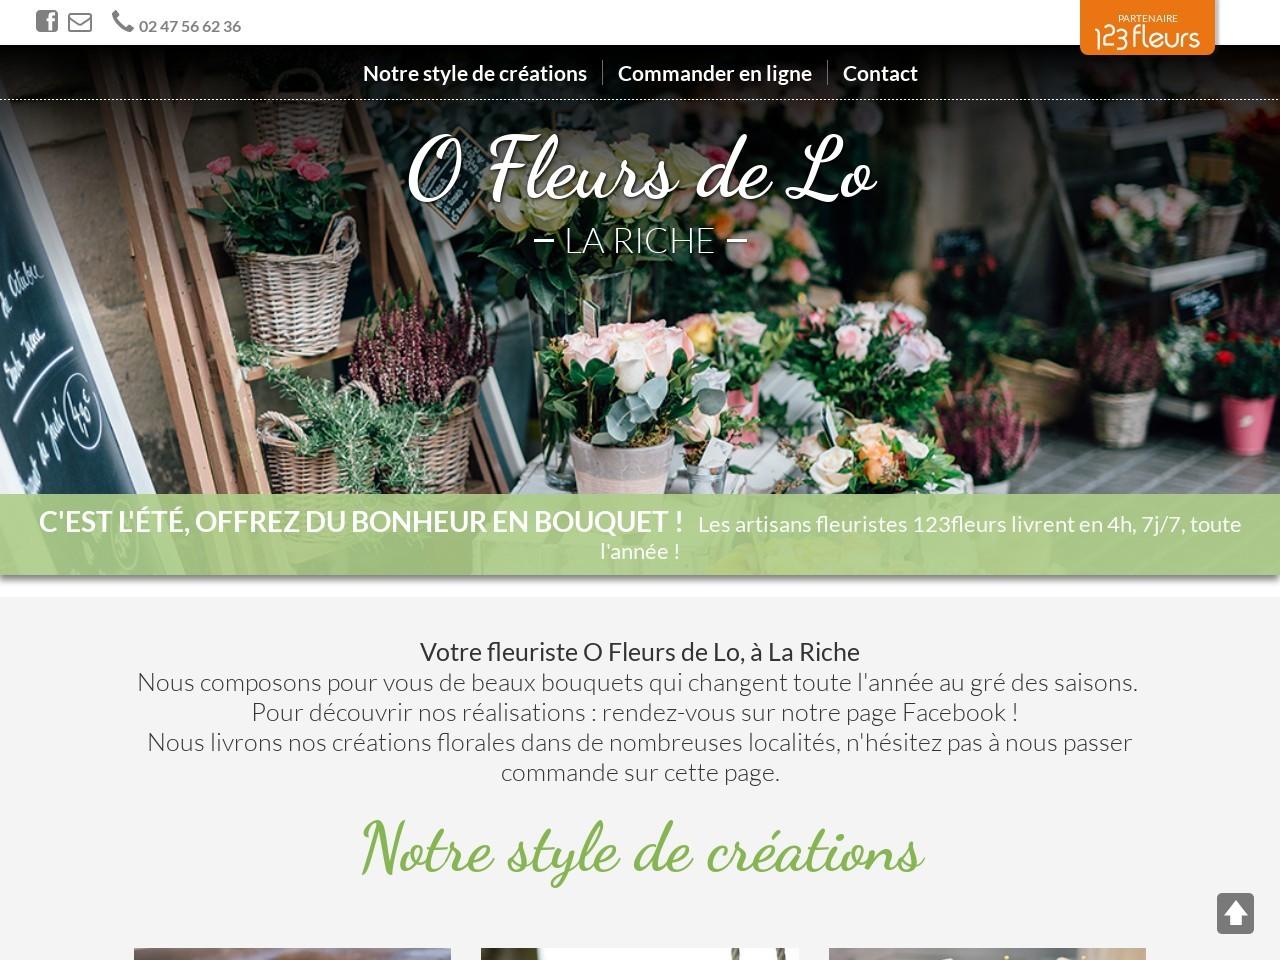 Site fleuriste O Fleurs de Lo - 123fleurs